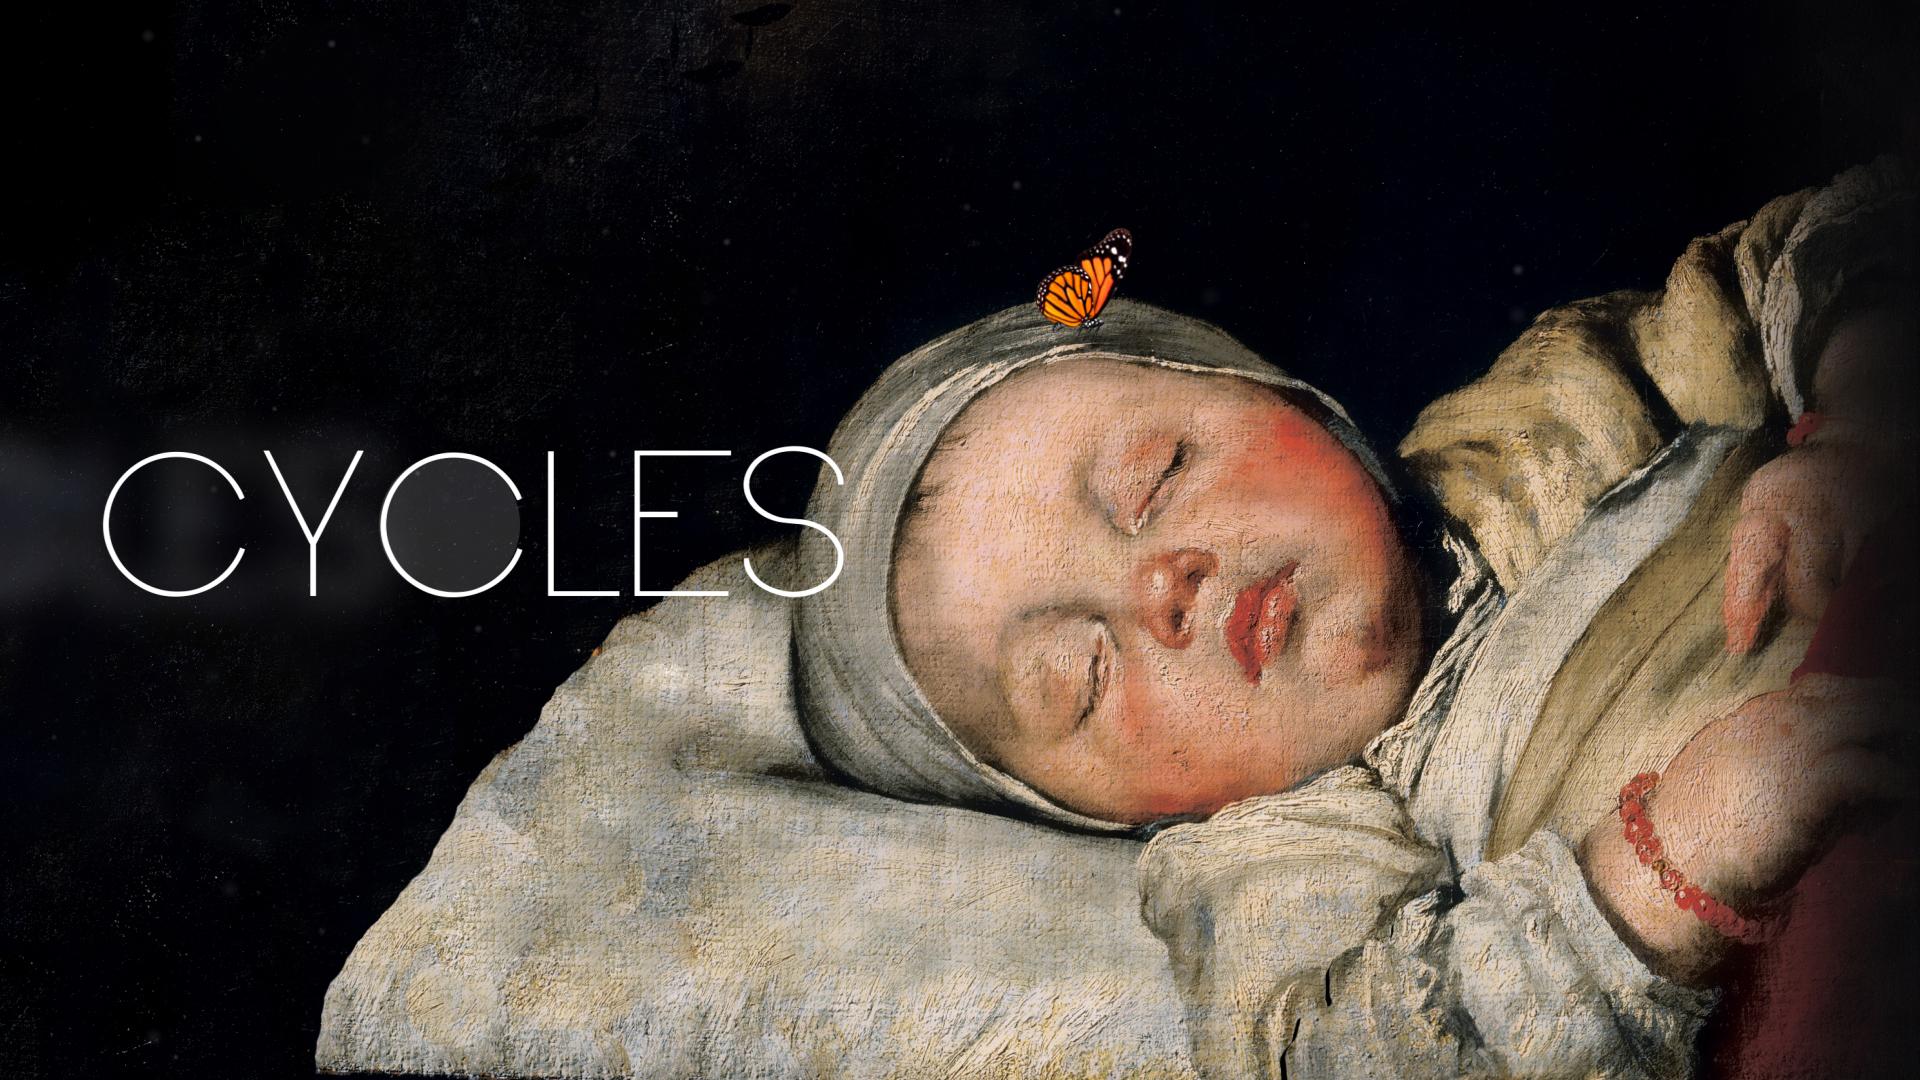 Veranstaltung Cycles – Video-Präsentation zum Sammlungsbestand der Residenzgalerie im DomQuartier Salzburg